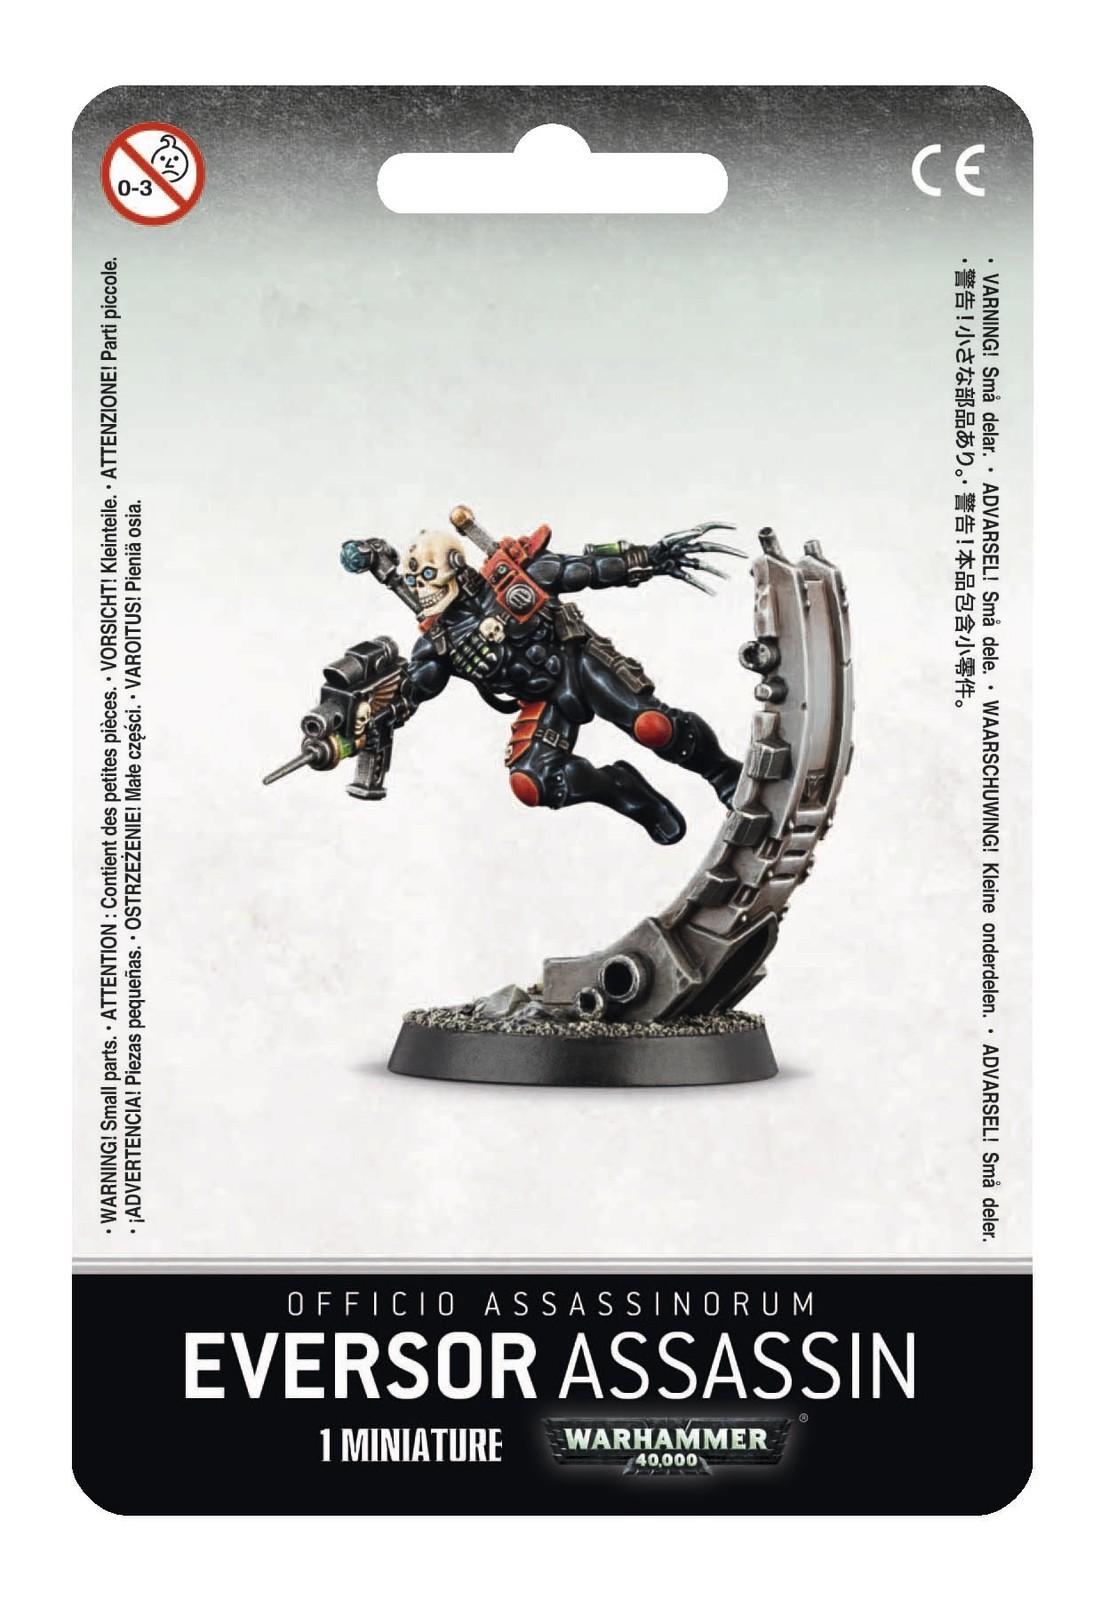 Warhammer 40,000 Officio Assassinorum: Eversor Assassin image